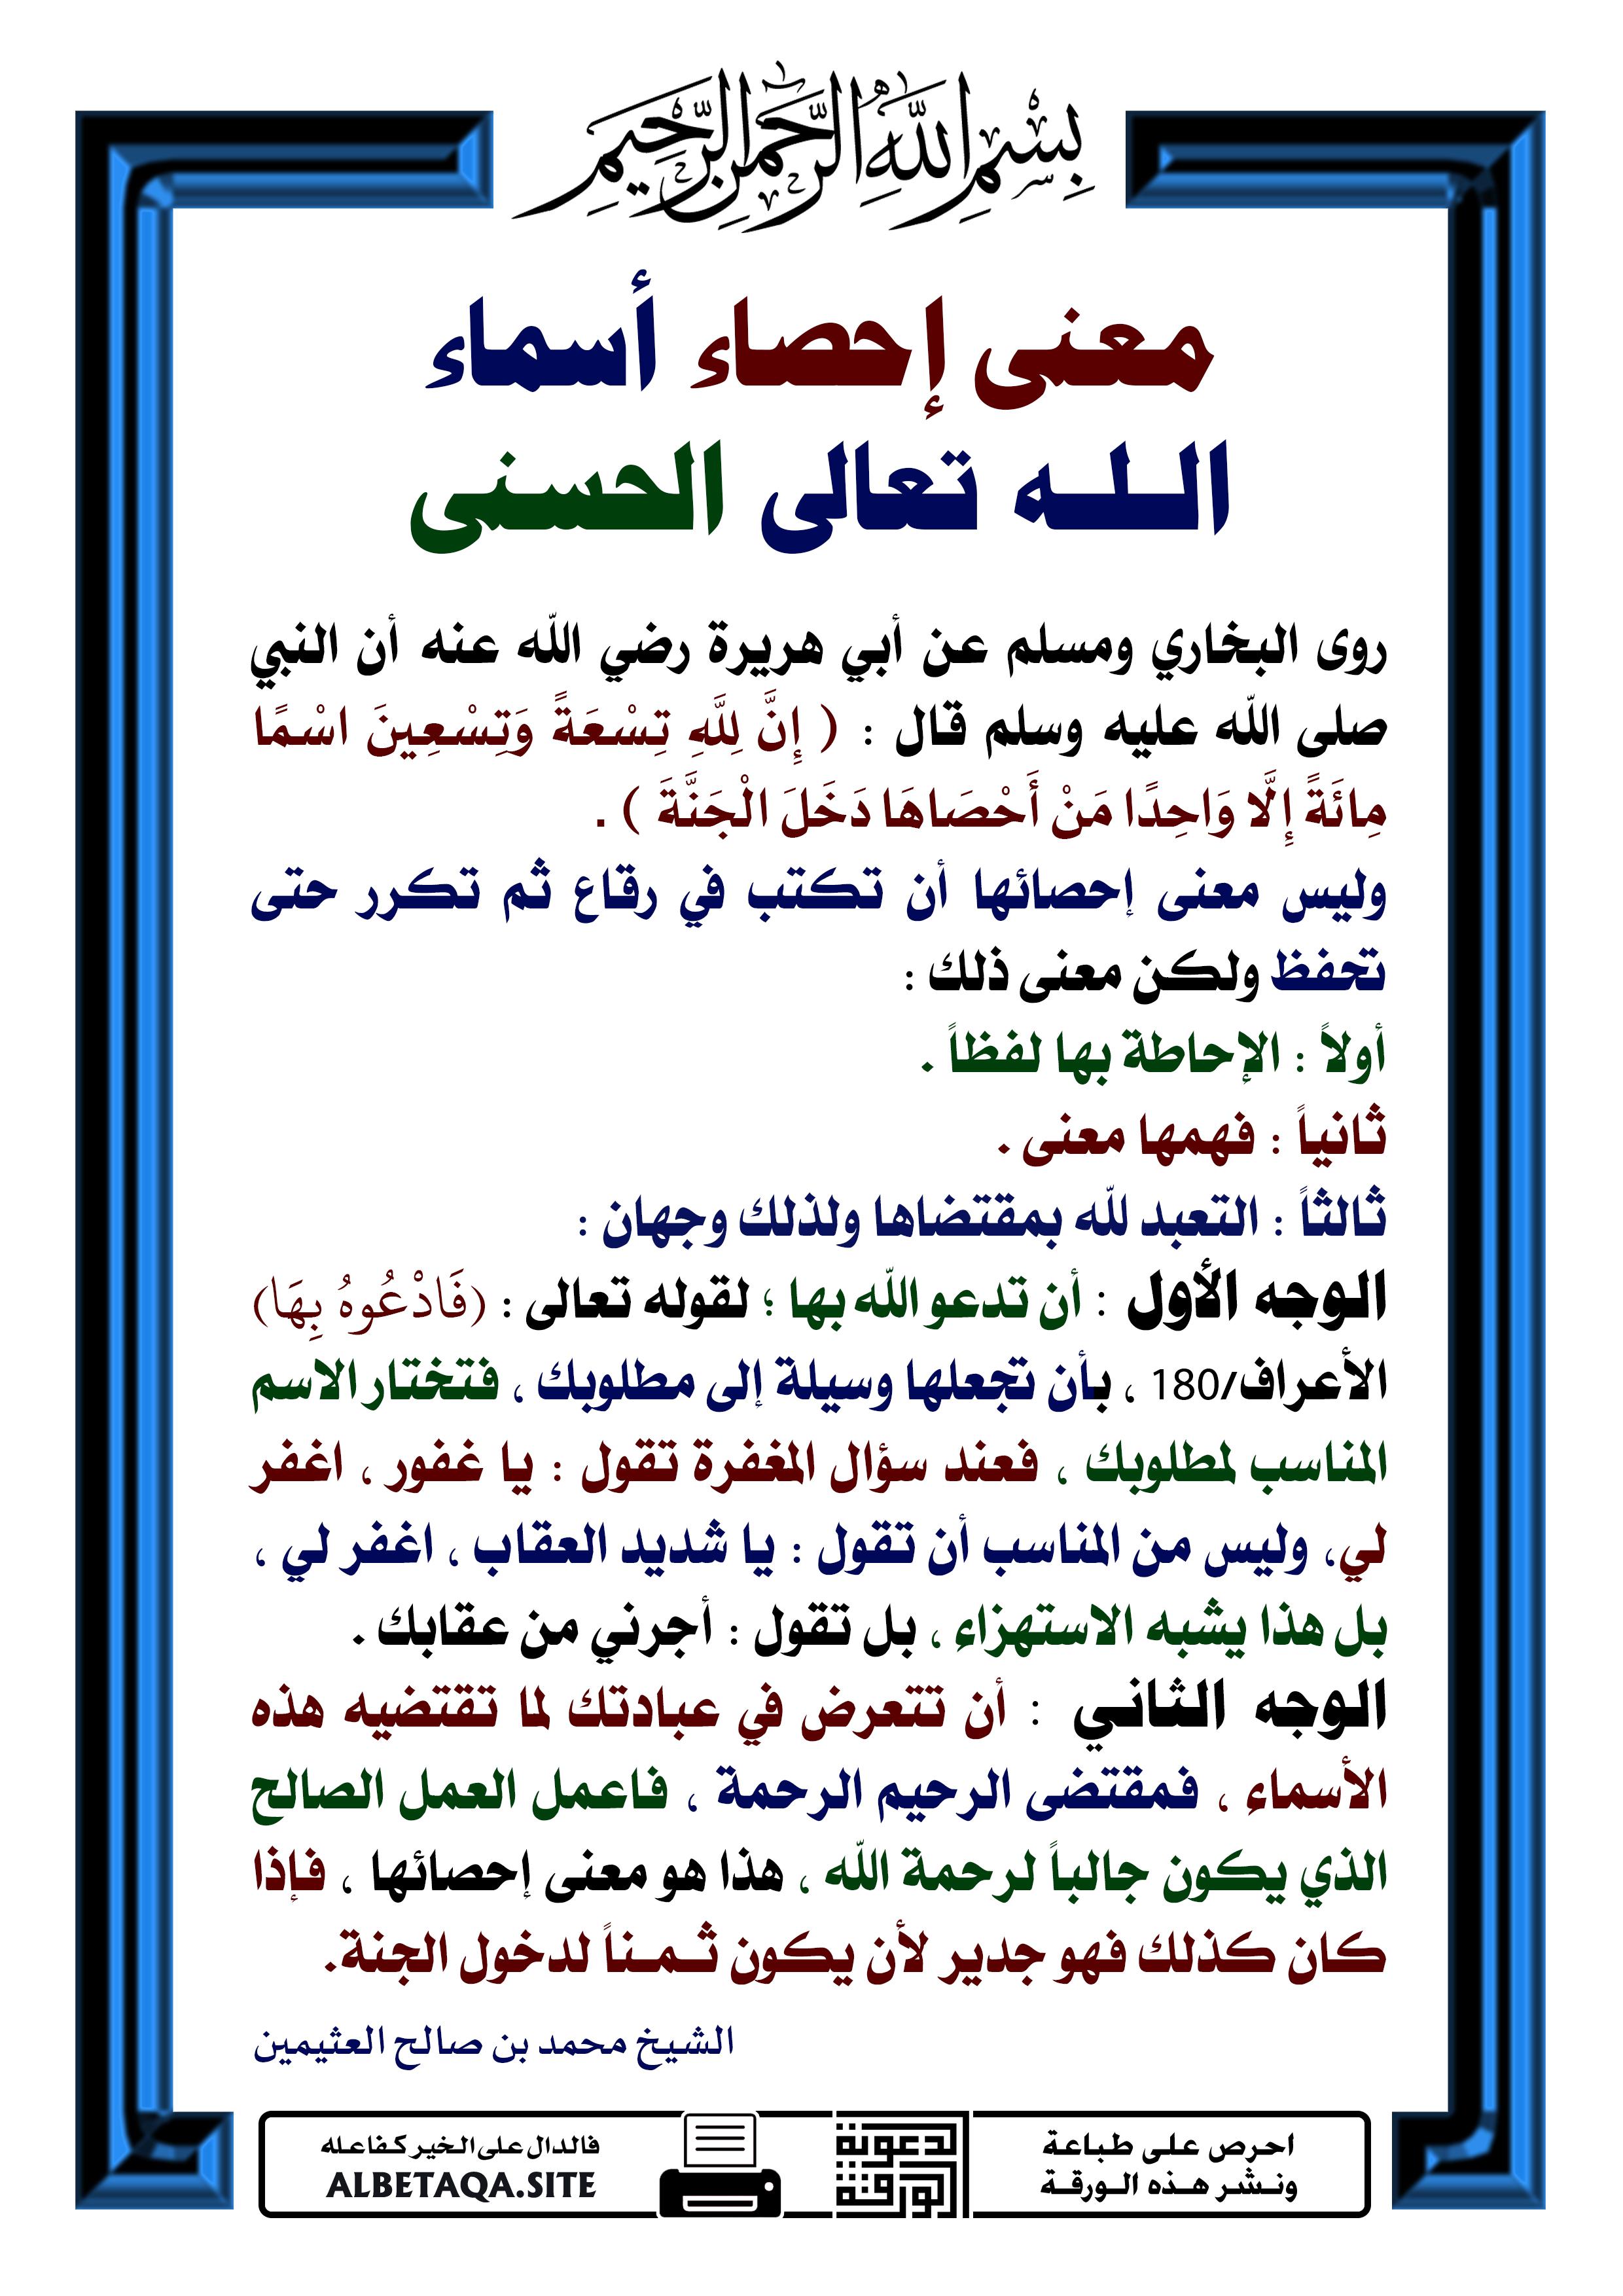 معنى إحصاء أسماء الله تعالى الحسنى موقع البطاقة الدعوي